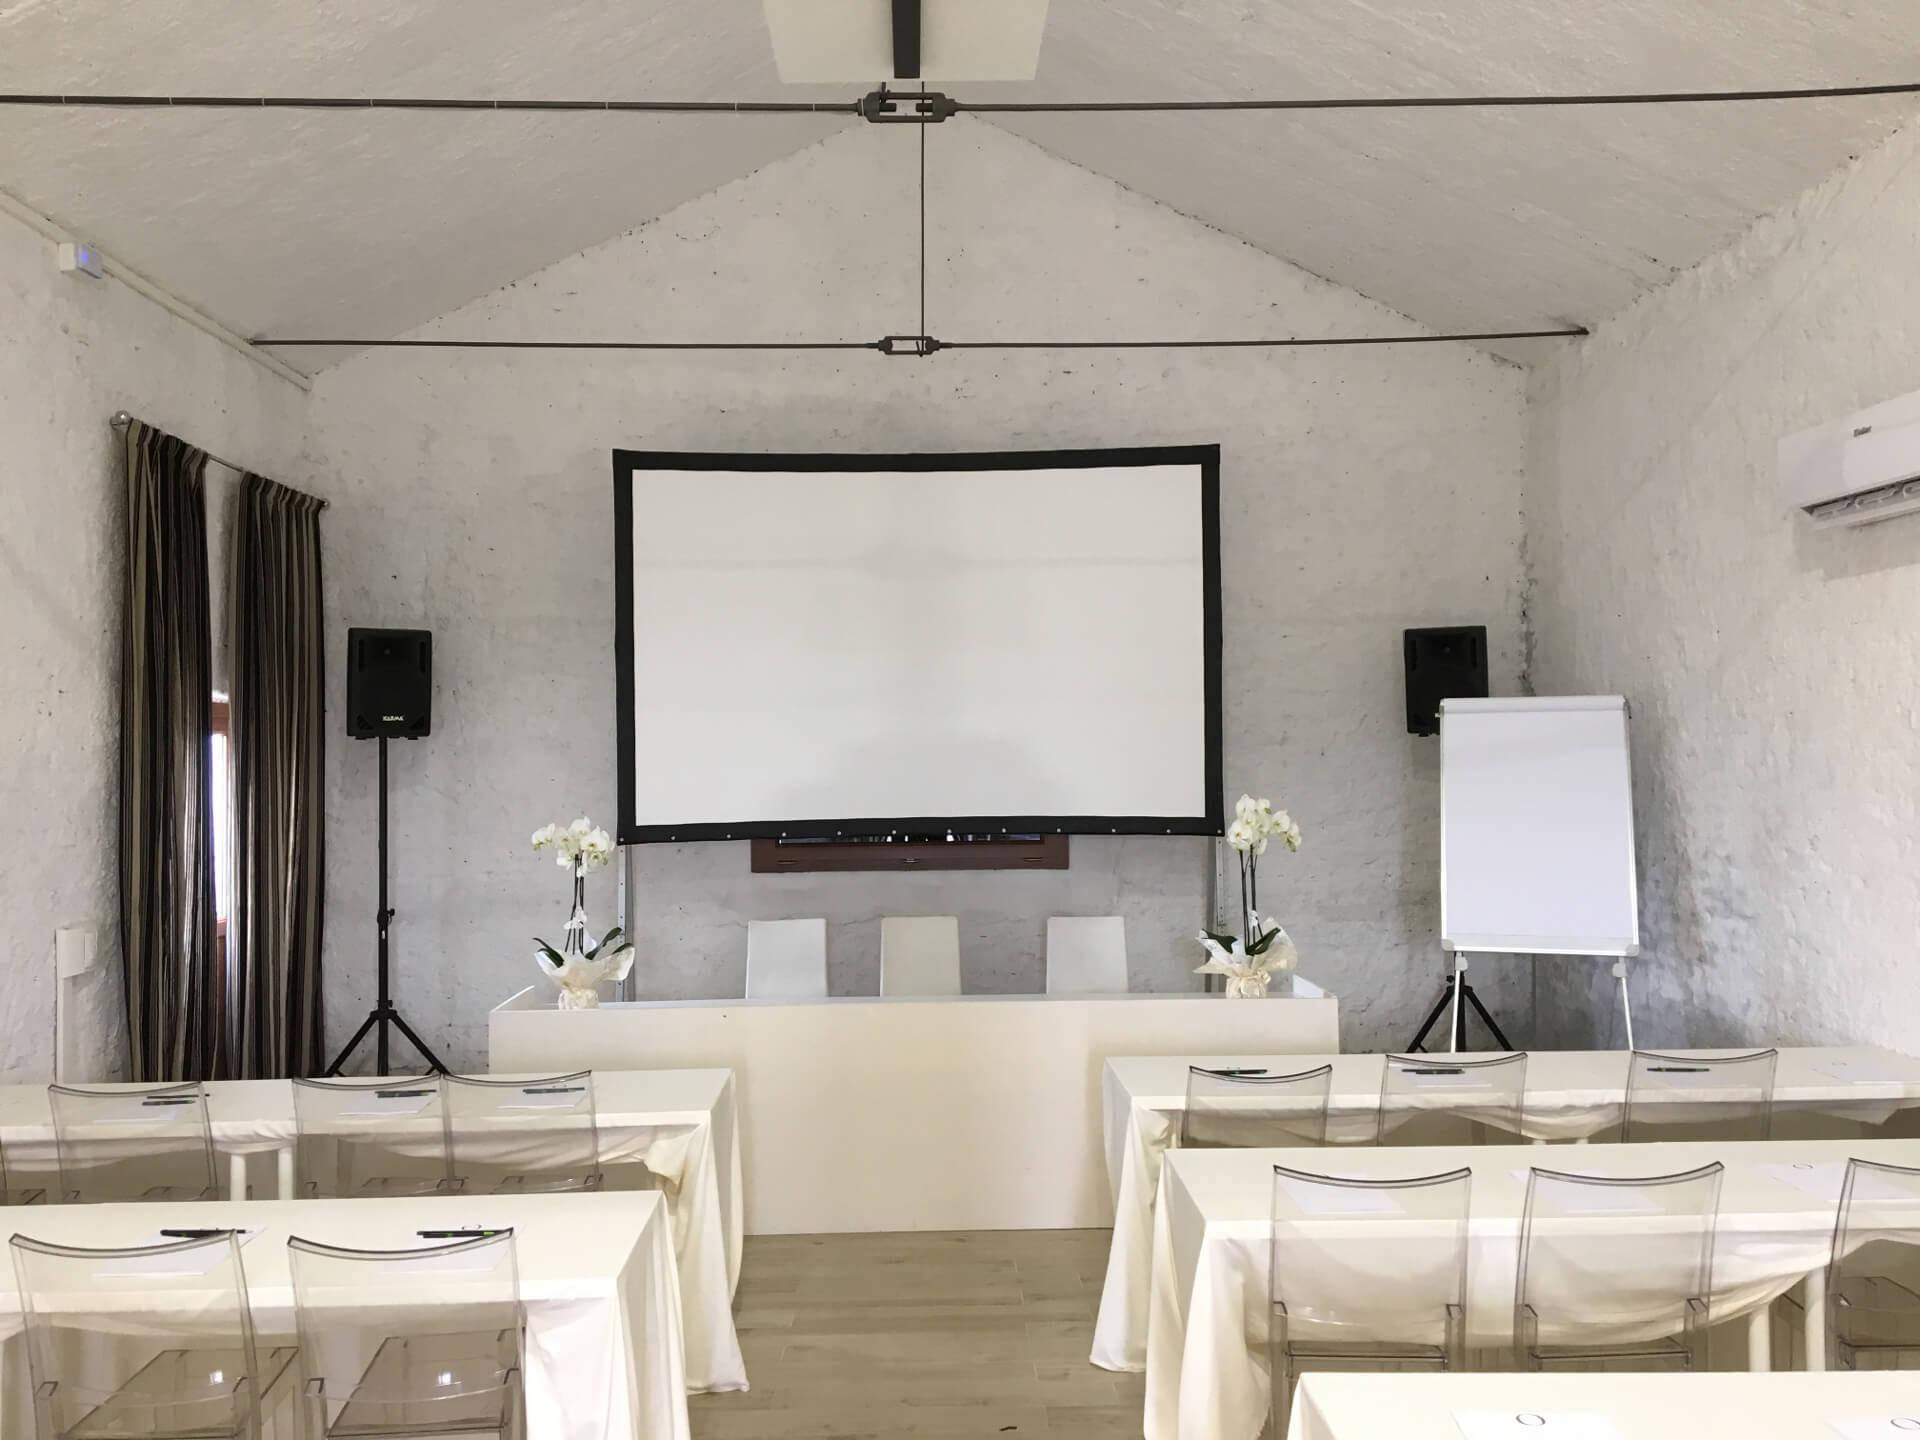 Location per eventi di formazione a Grosseto